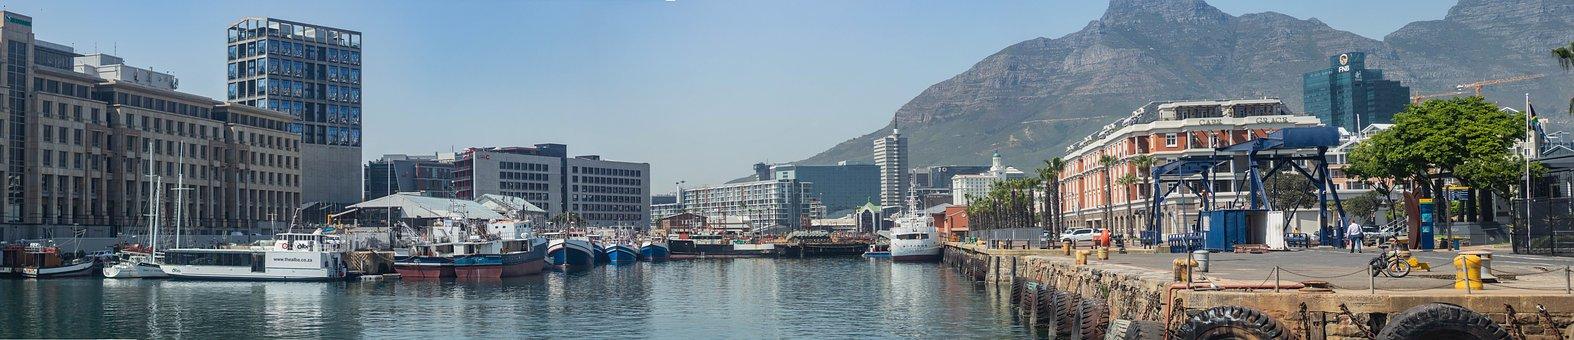 Cape Town, South Africa, Landscape, Travel, Tourism